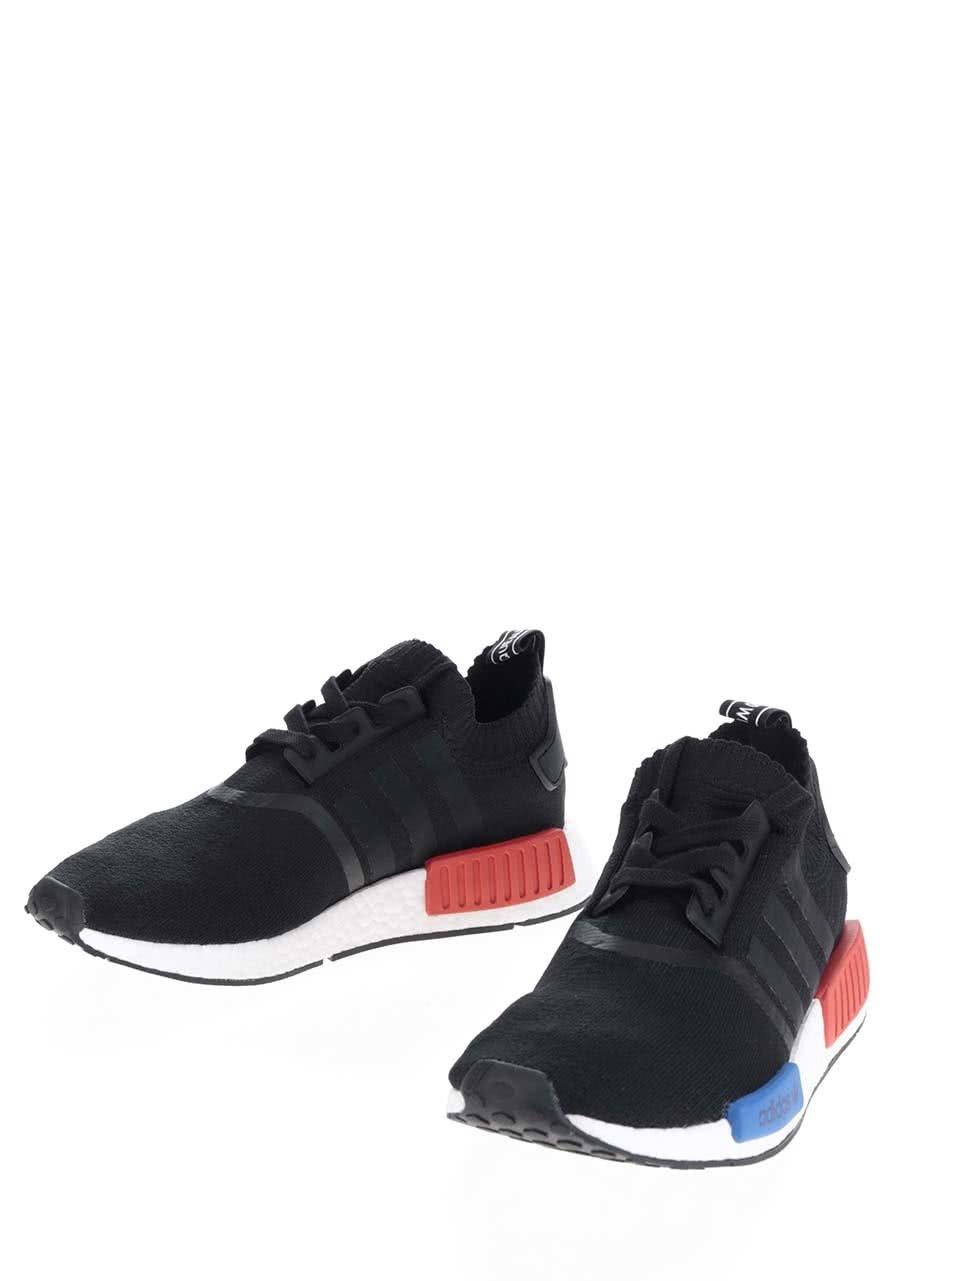 4d12af09bc8 Čierne pánske tenisky na platforme adidas Originals NMD ...